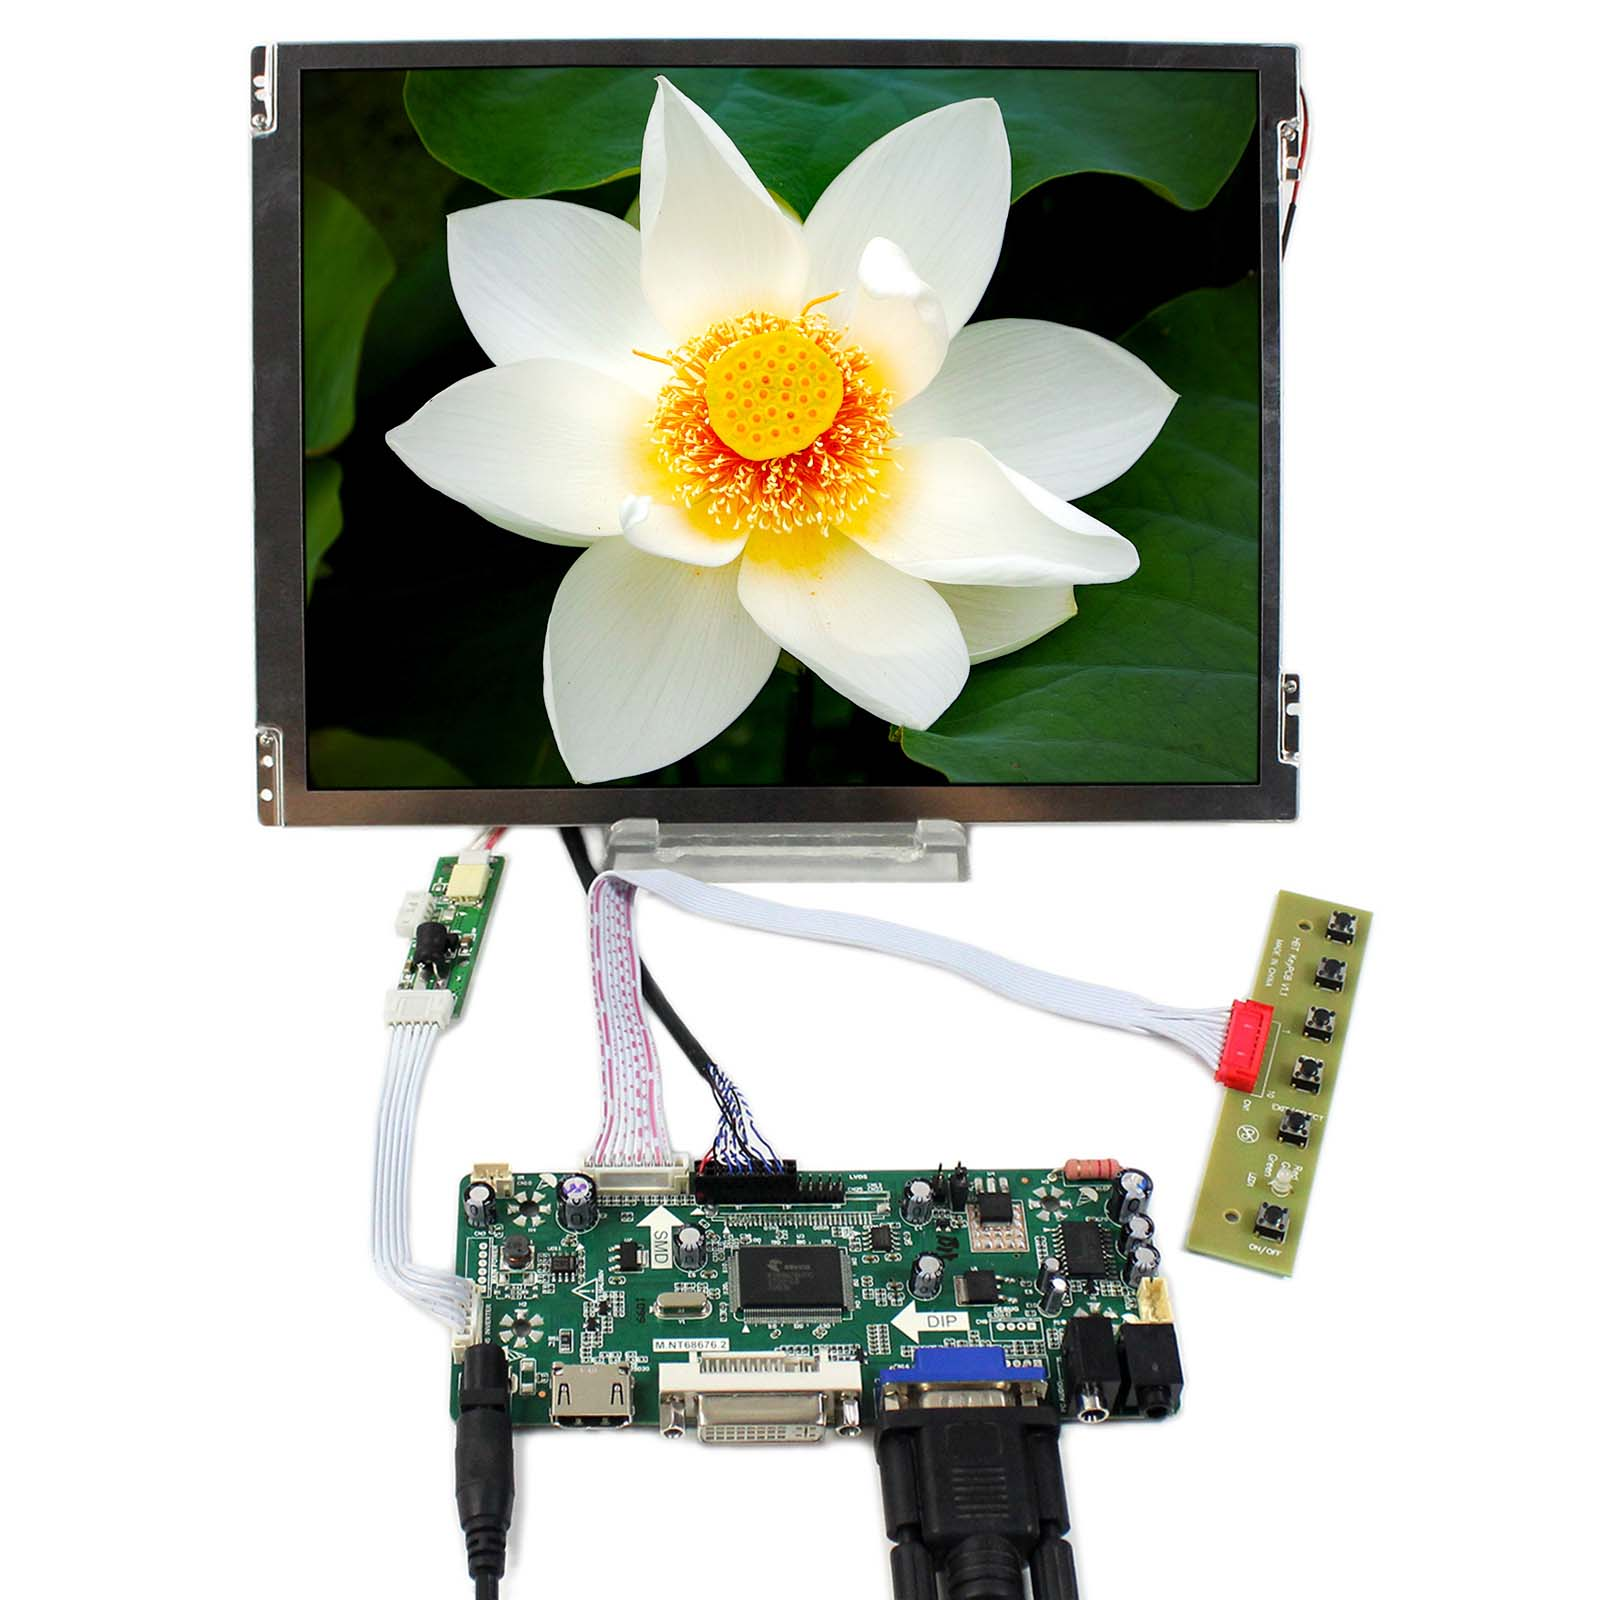 HDMI+VGA+DVI+Audio LCD Controller Board With 10.4inch 800x600 TM104SDH01 LCD ScreenHDMI+VGA+DVI+Audio LCD Controller Board With 10.4inch 800x600 TM104SDH01 LCD Screen